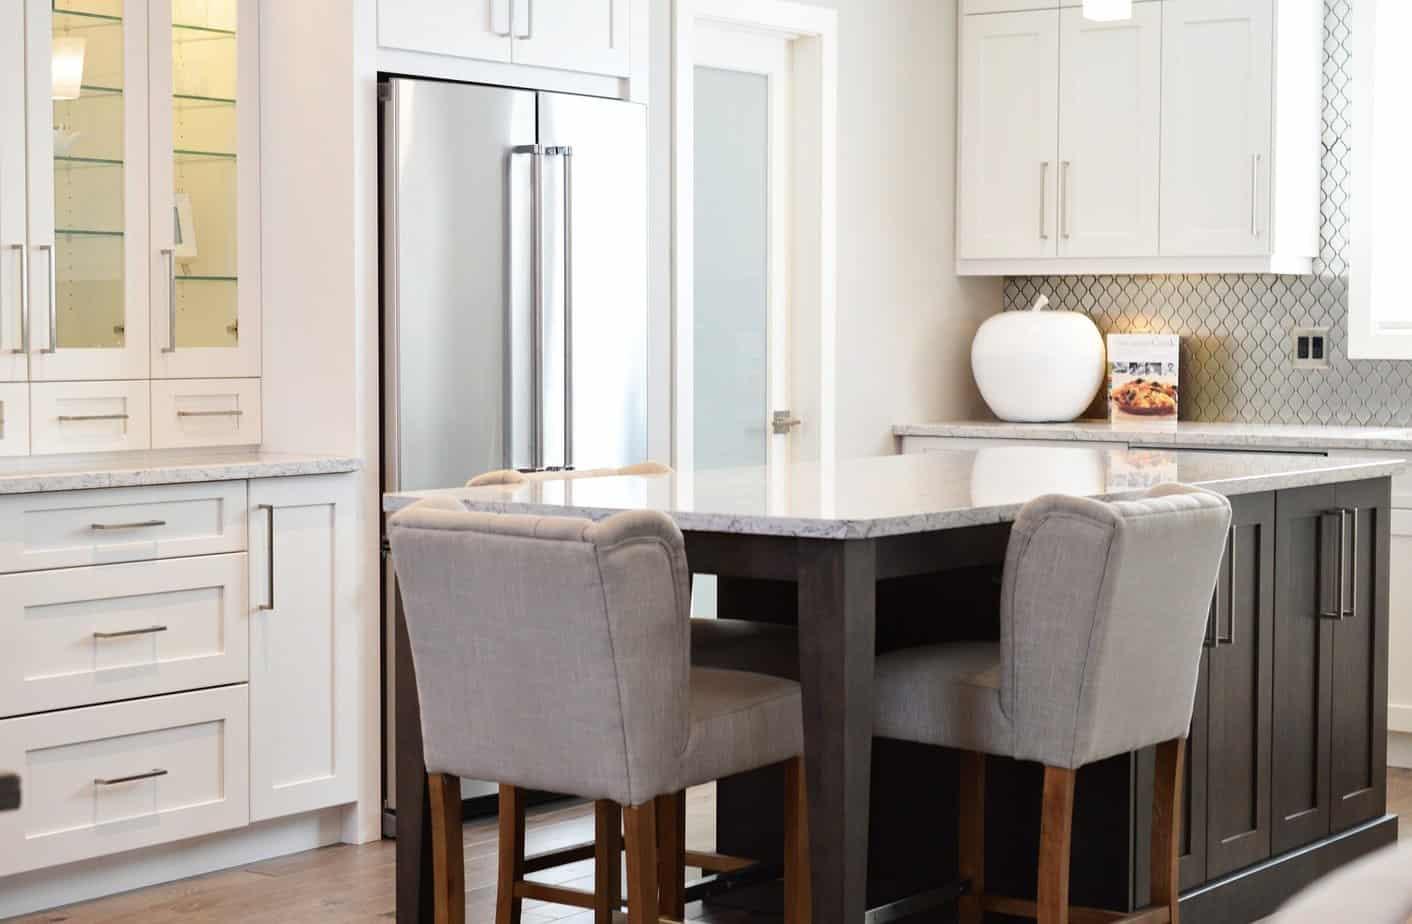 Spiżarnia w kuchni | Projektowanie wnętrz Duszyńska Design